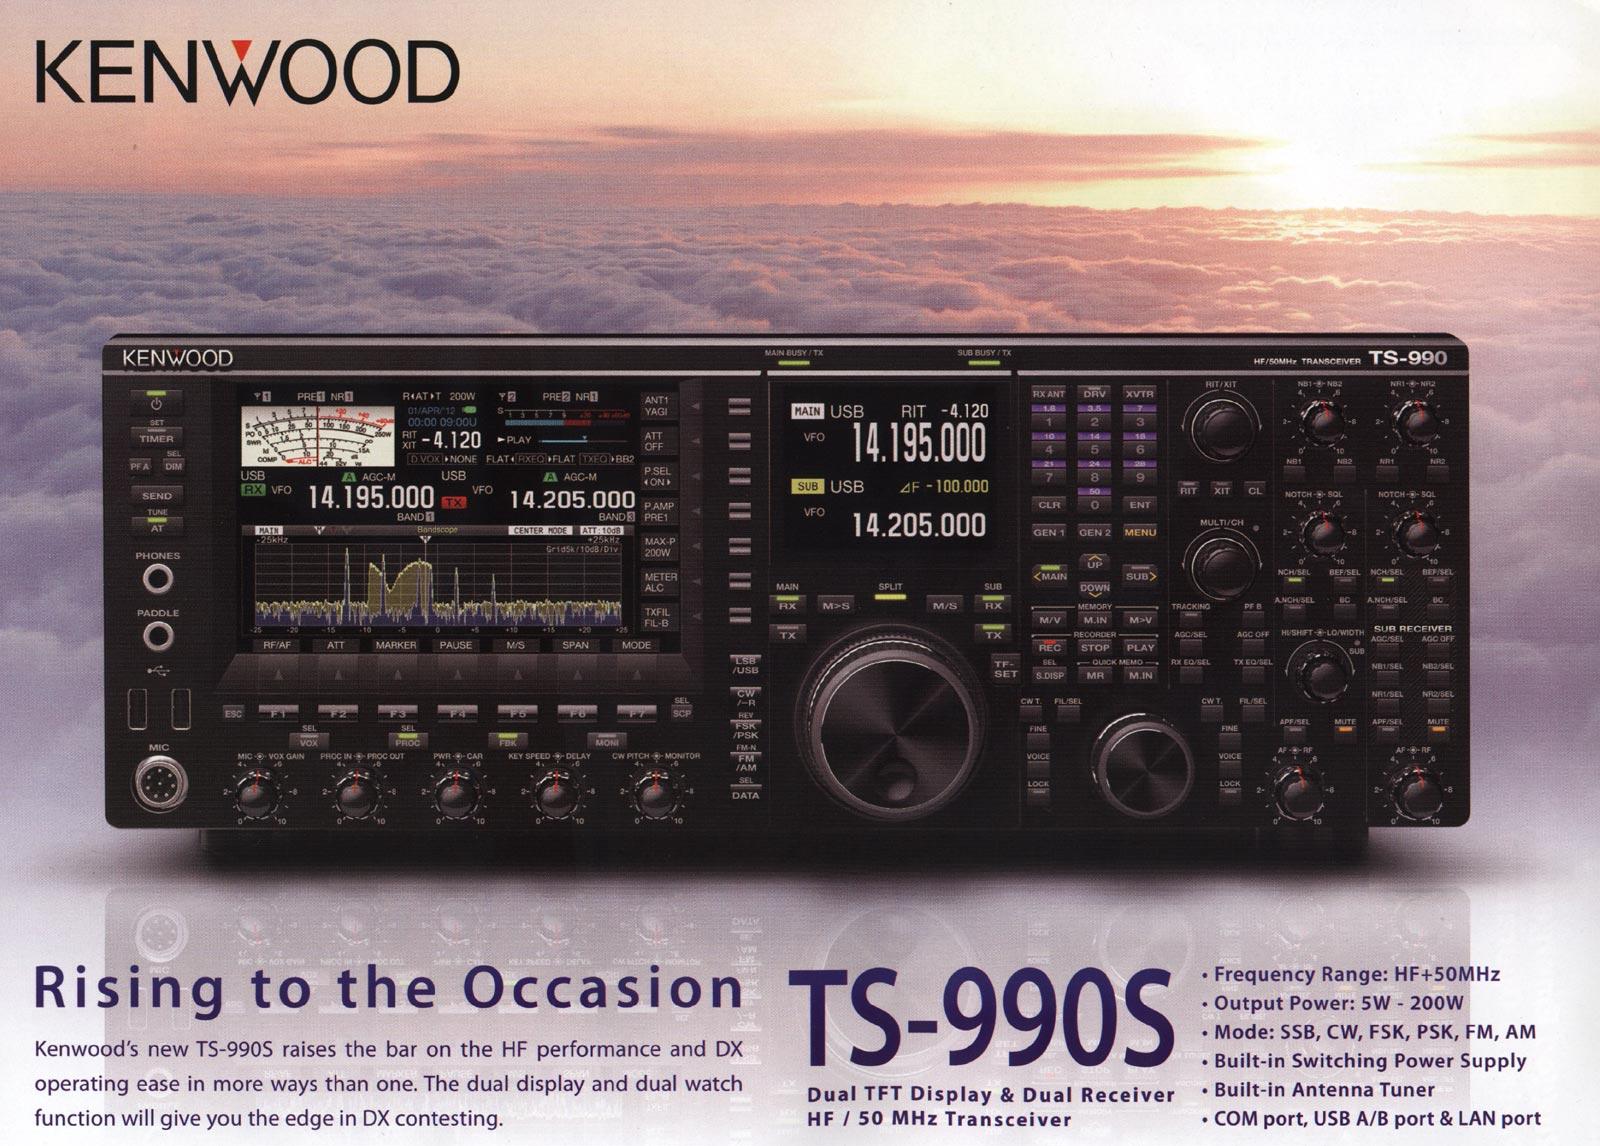 0797081ff3462 ... assistir a uma grande risada do mercado de rádio amador ... Vamos ver  ... Aqui está a foto de lançamento e algumas informações de Kenwood sobre  TS-990S.